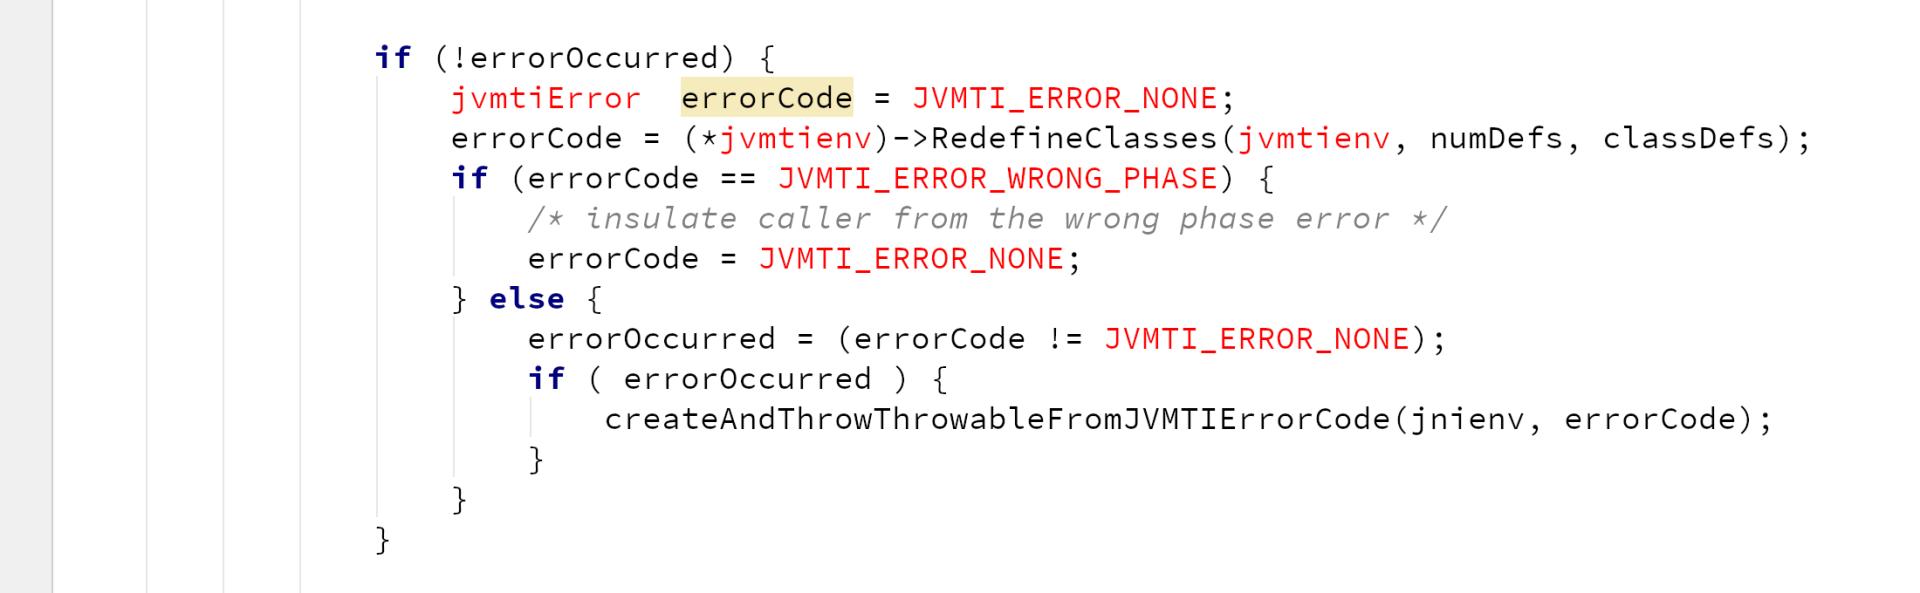 Java 动态调试技术原理及实践插图1